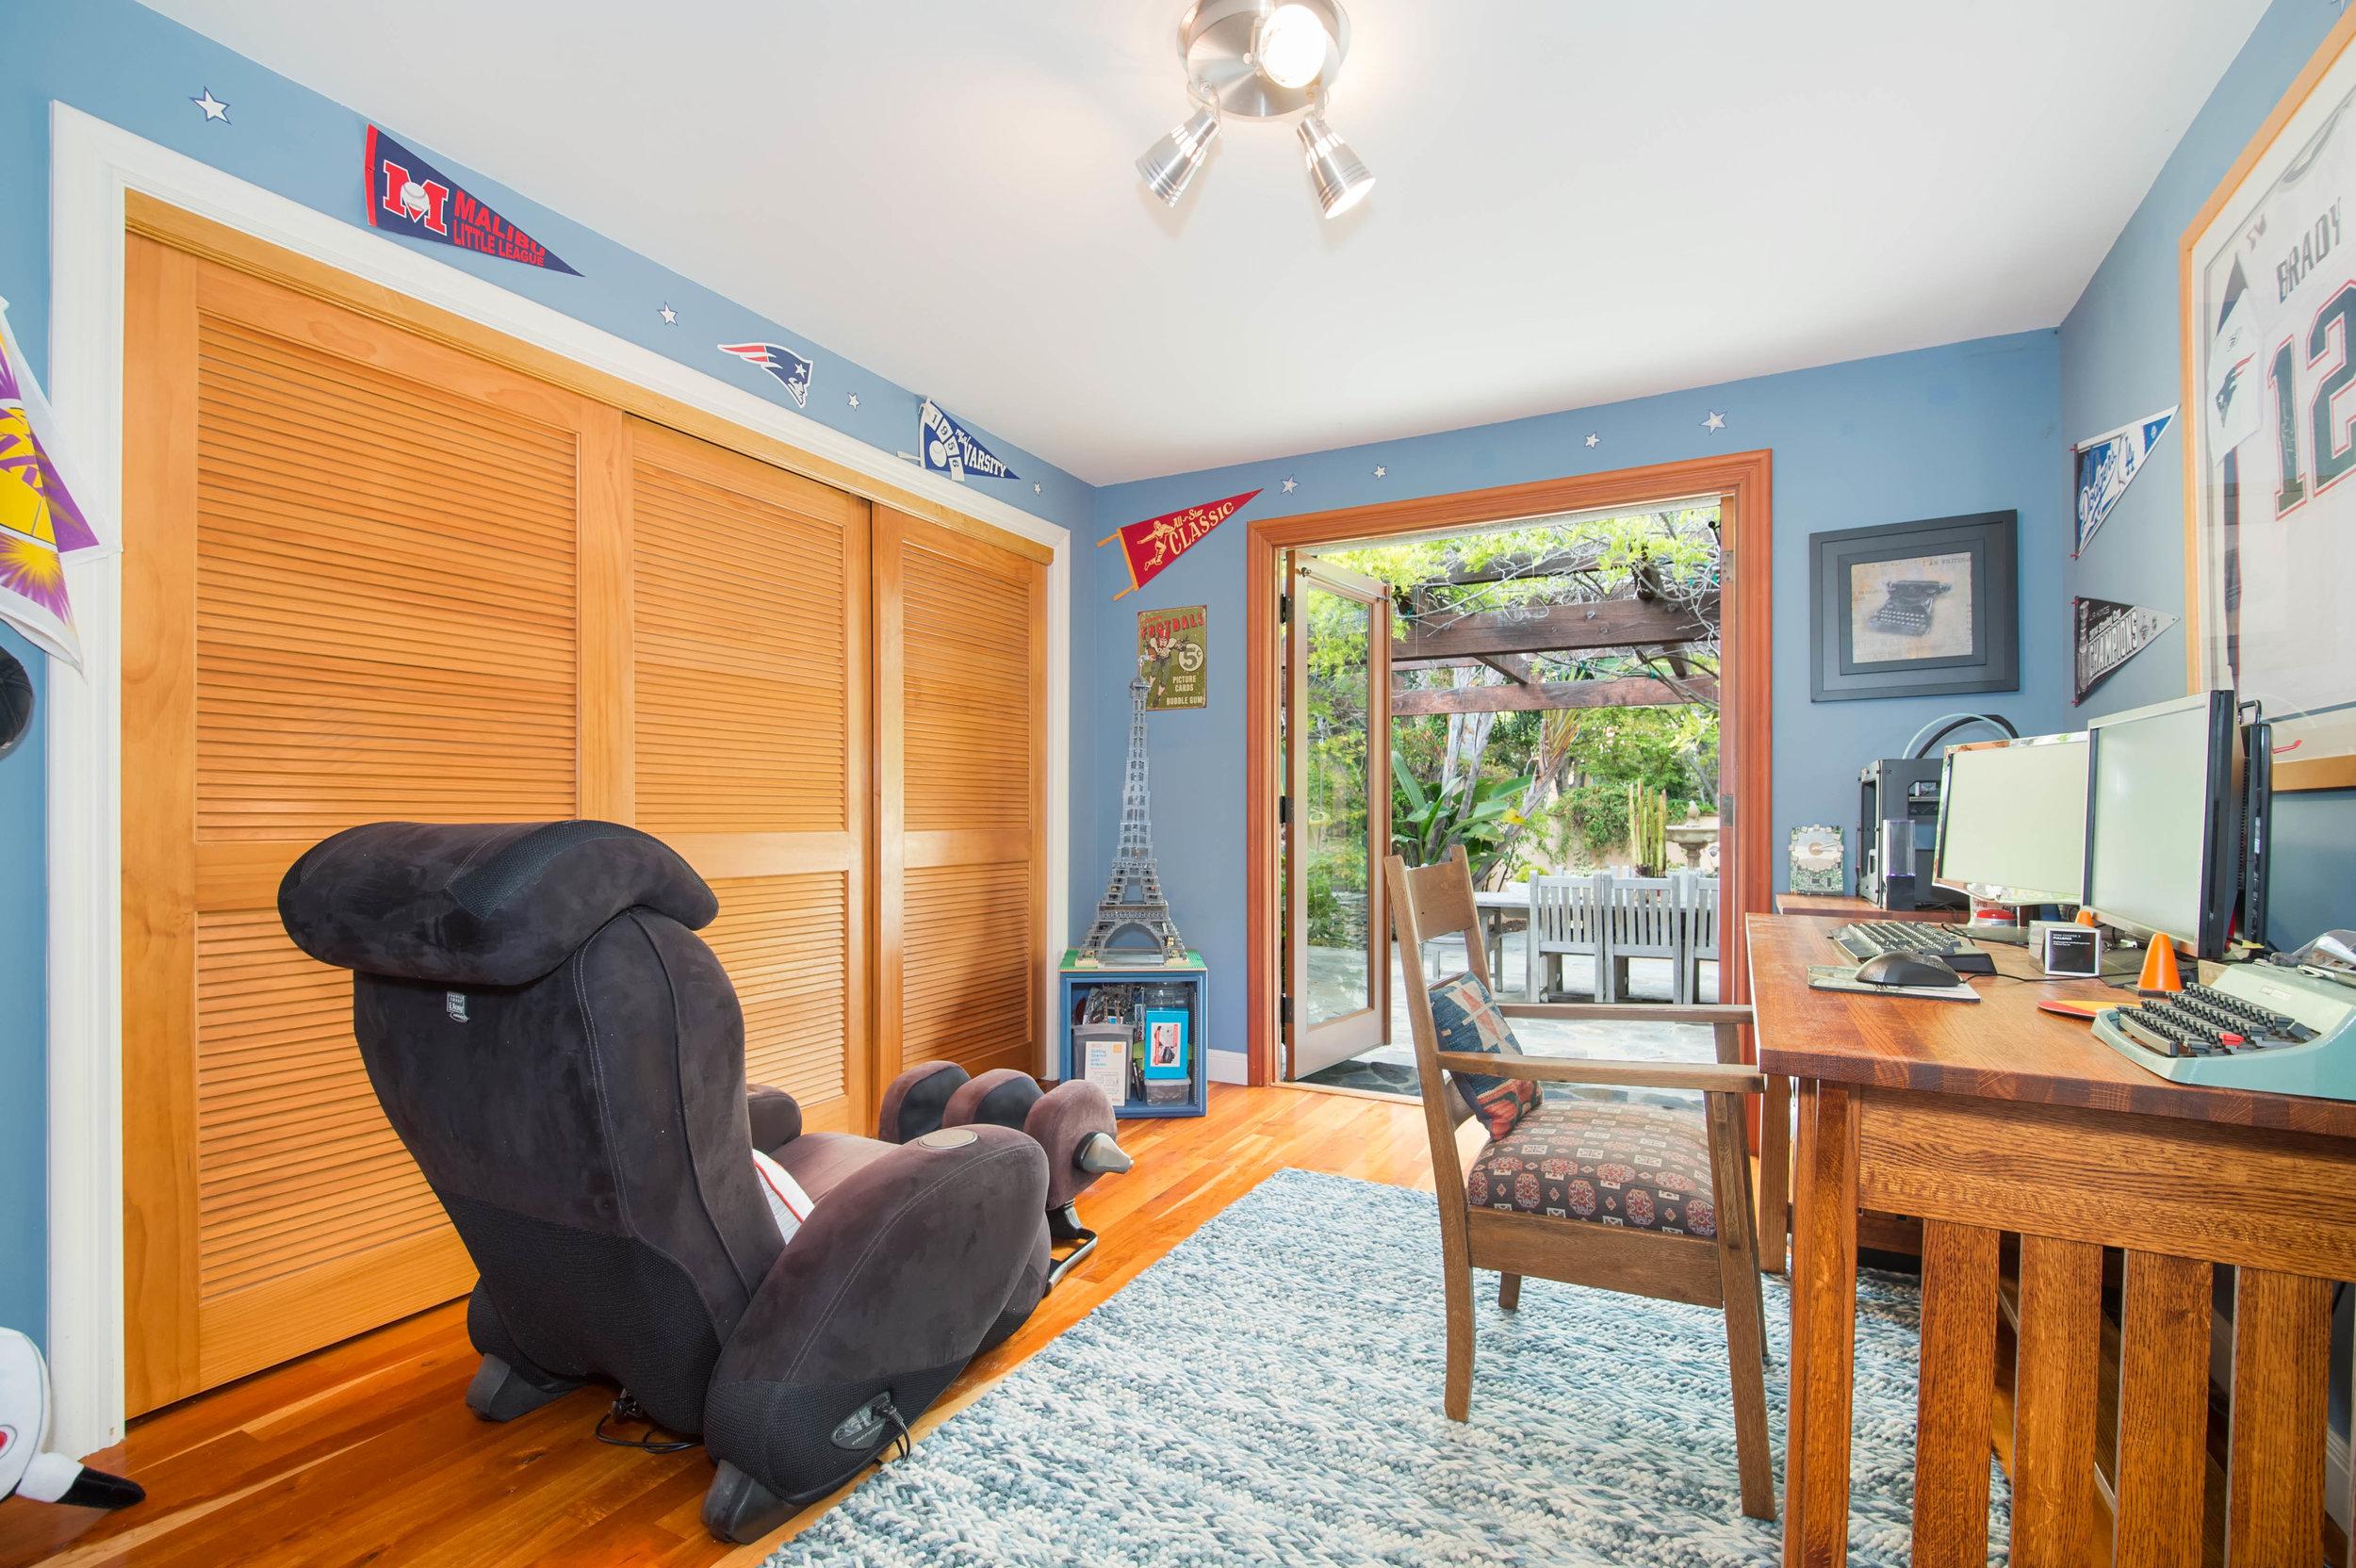 021 bedroom 29660 Harvester Road Malibu For Sale The Malibu Life Team Luxury Real Estate.jpg